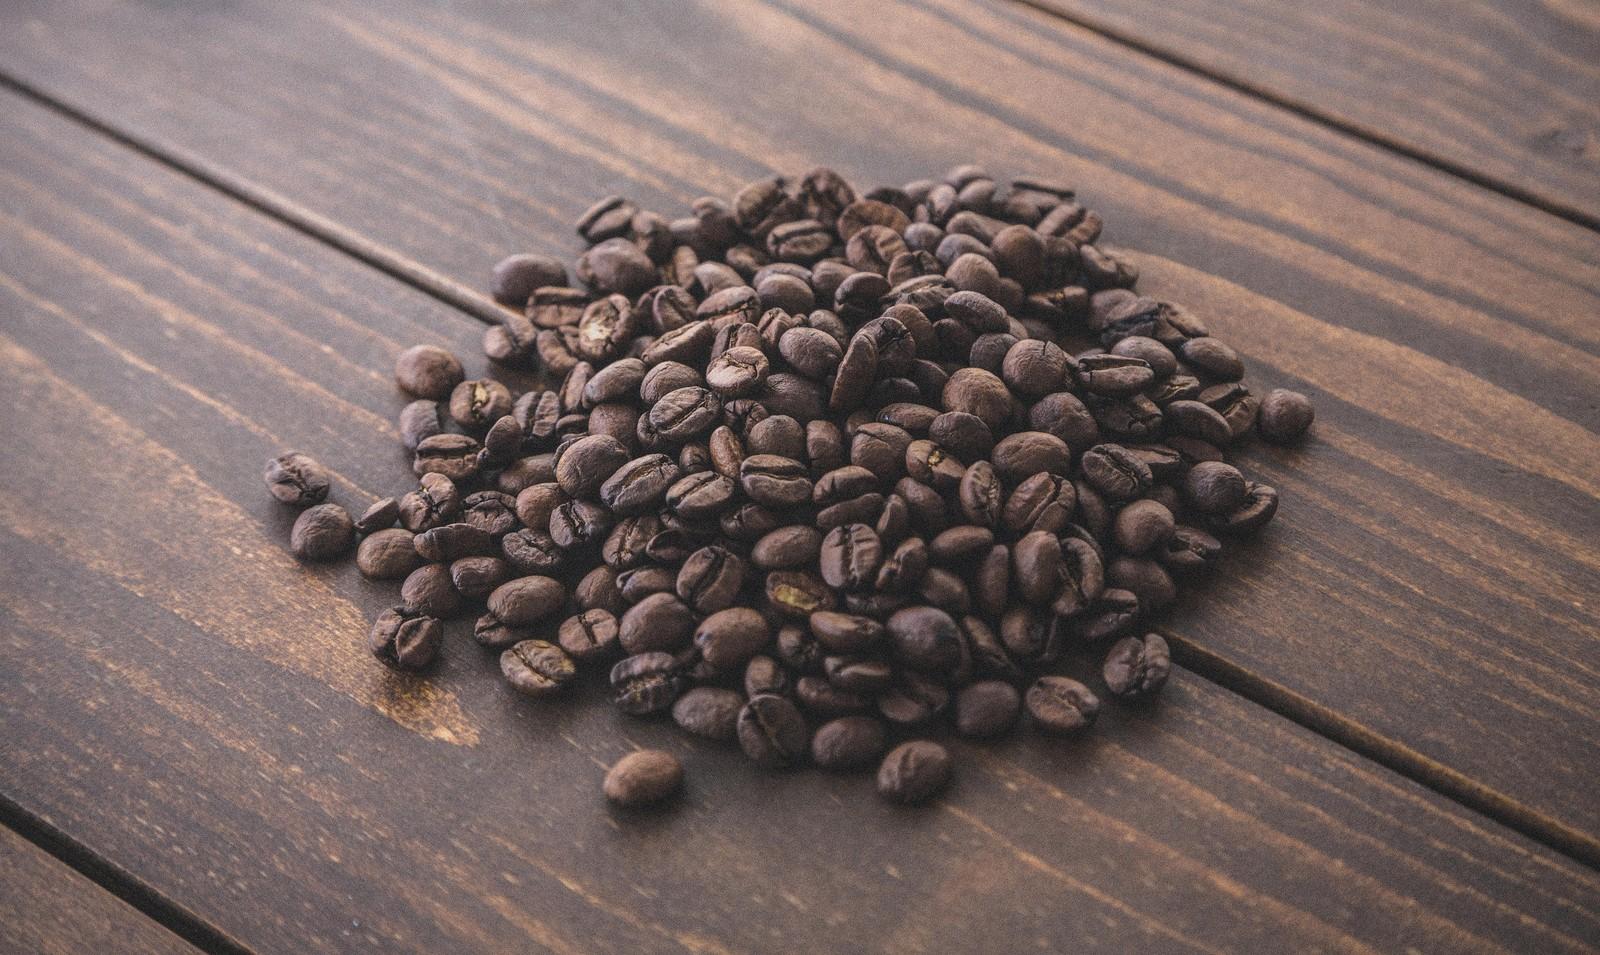 種 ロブスタ ロブスタ種とは?その原産地とコーヒーの利用方法